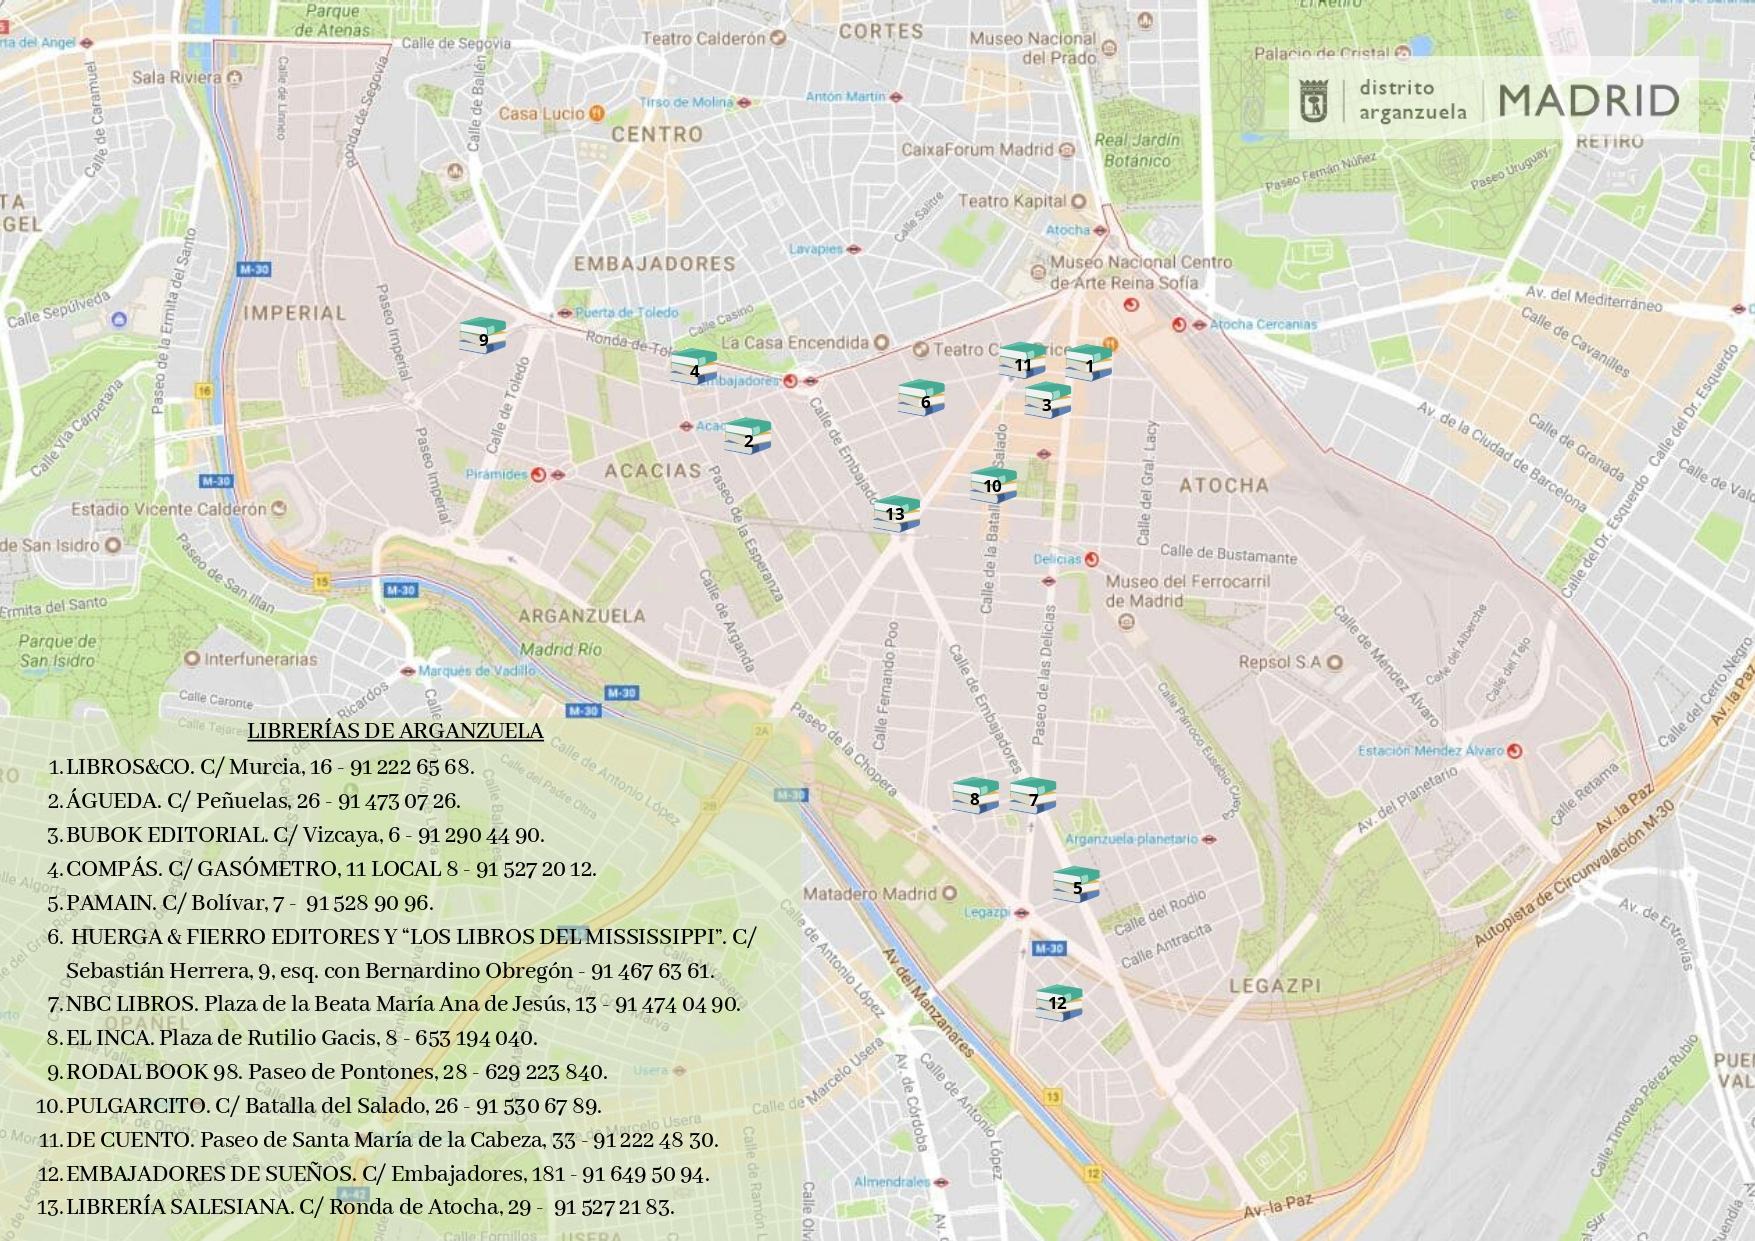 Mapa con las librerías del distrito